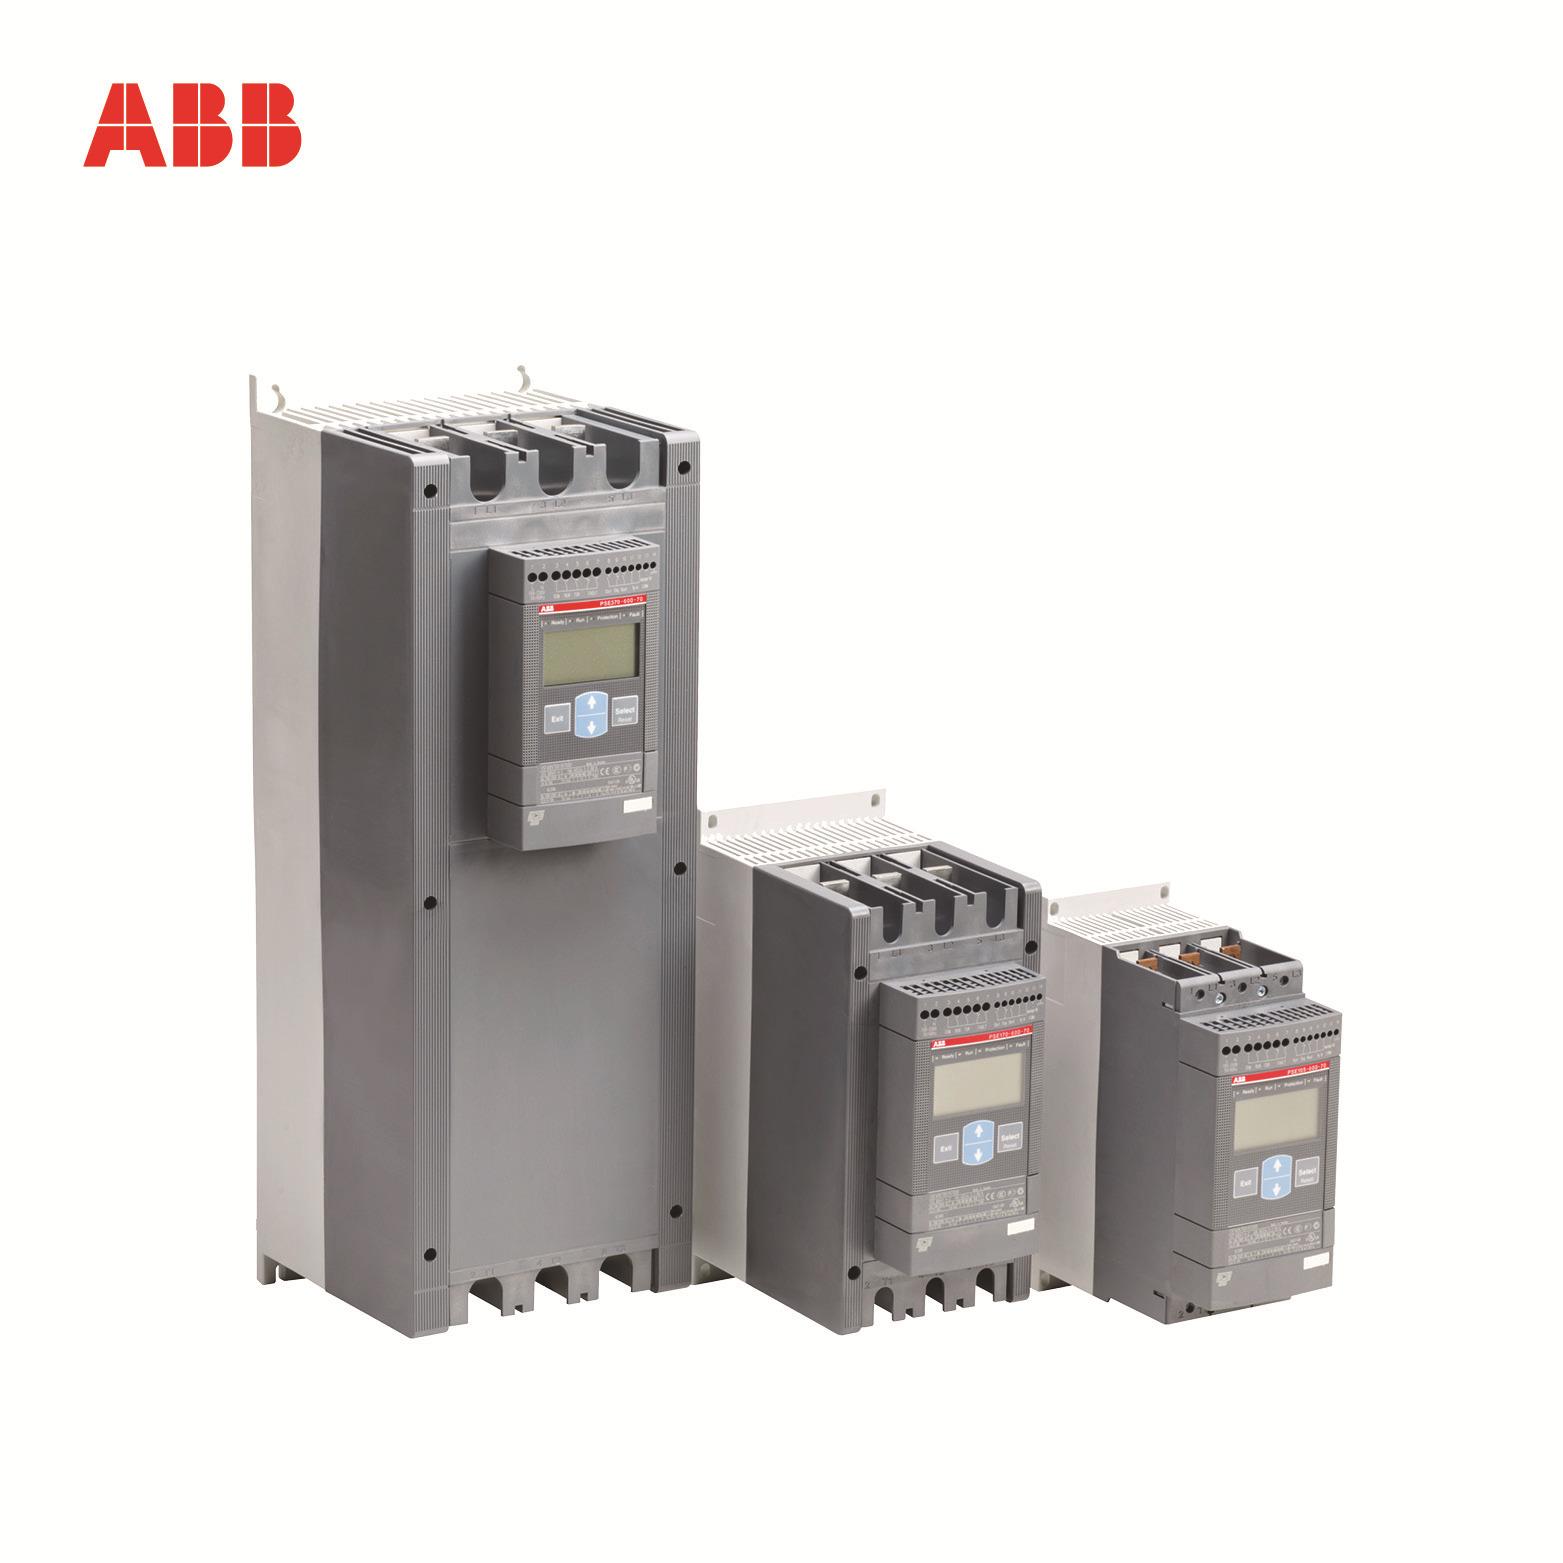 ABB Bộ khởi động động cơ khởi động mềm dễ sử dụng PSE370-600-70-1